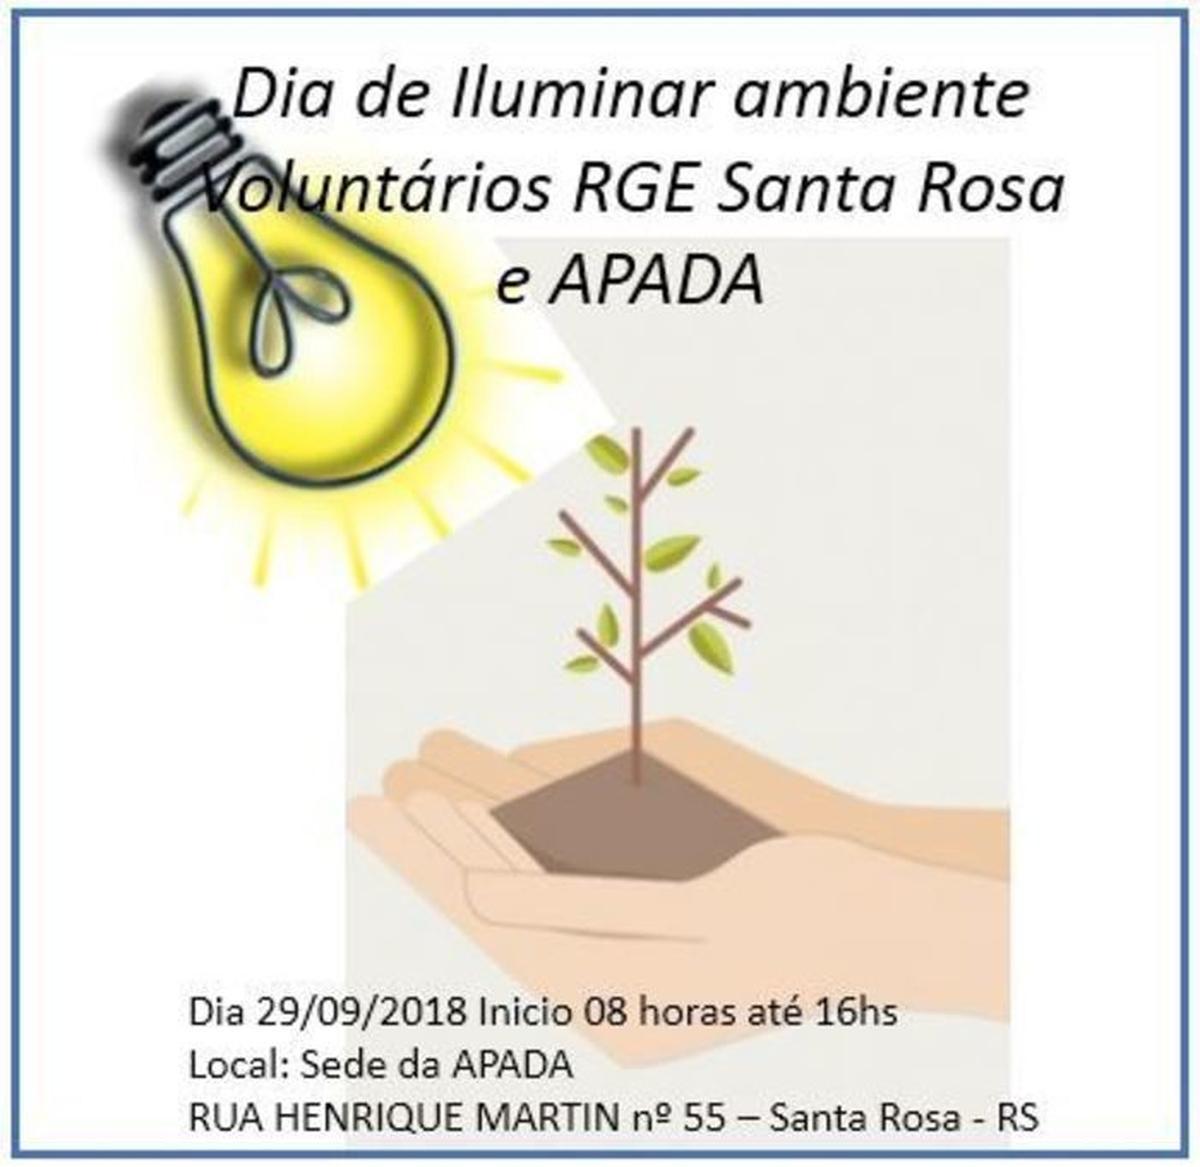 Dia Iluminar ambiente, Voluntários RGE Santa Rosa e APADA II